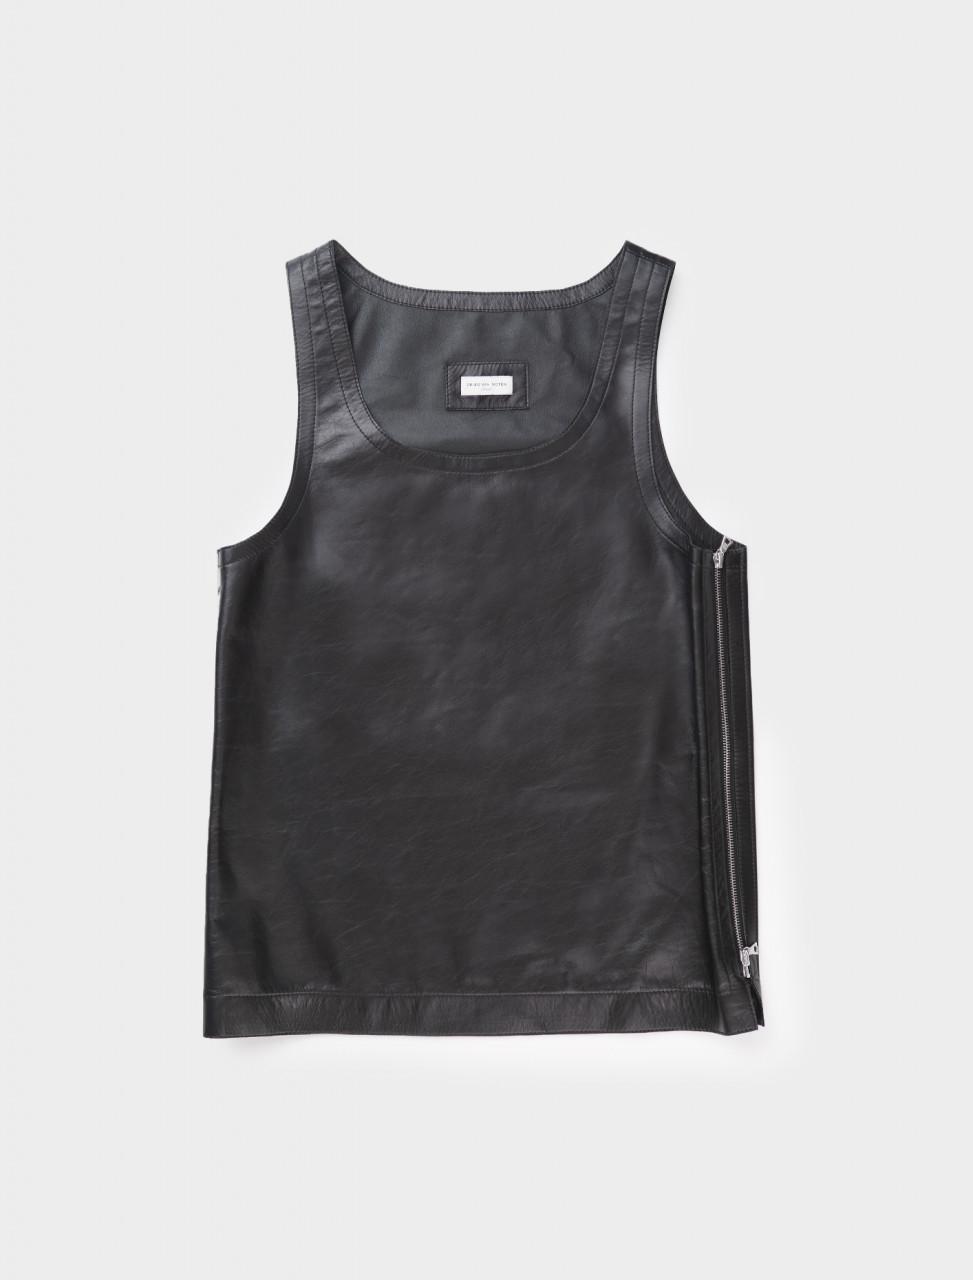 Dries van Noten Lee Leather Singlet Top in Black